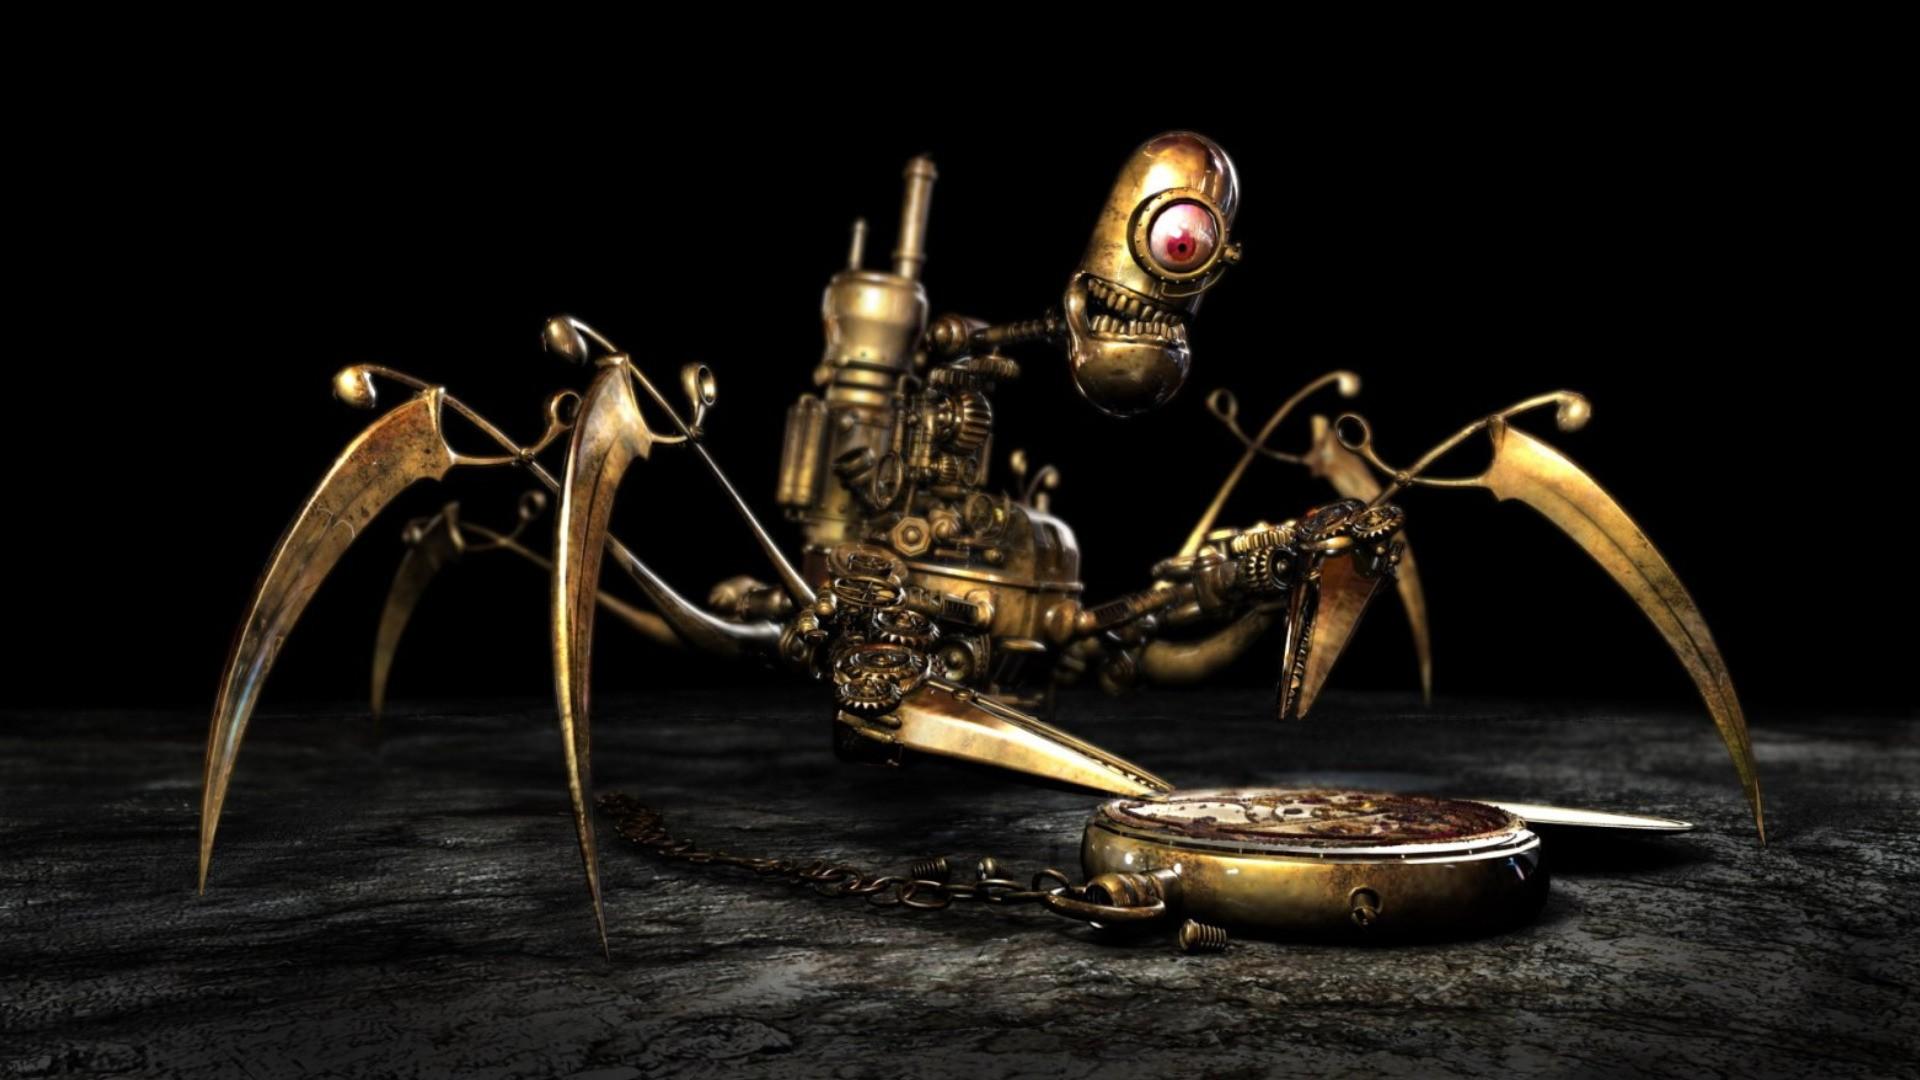 Fondos De Pantalla Horripilante Robot Steampunk Oro